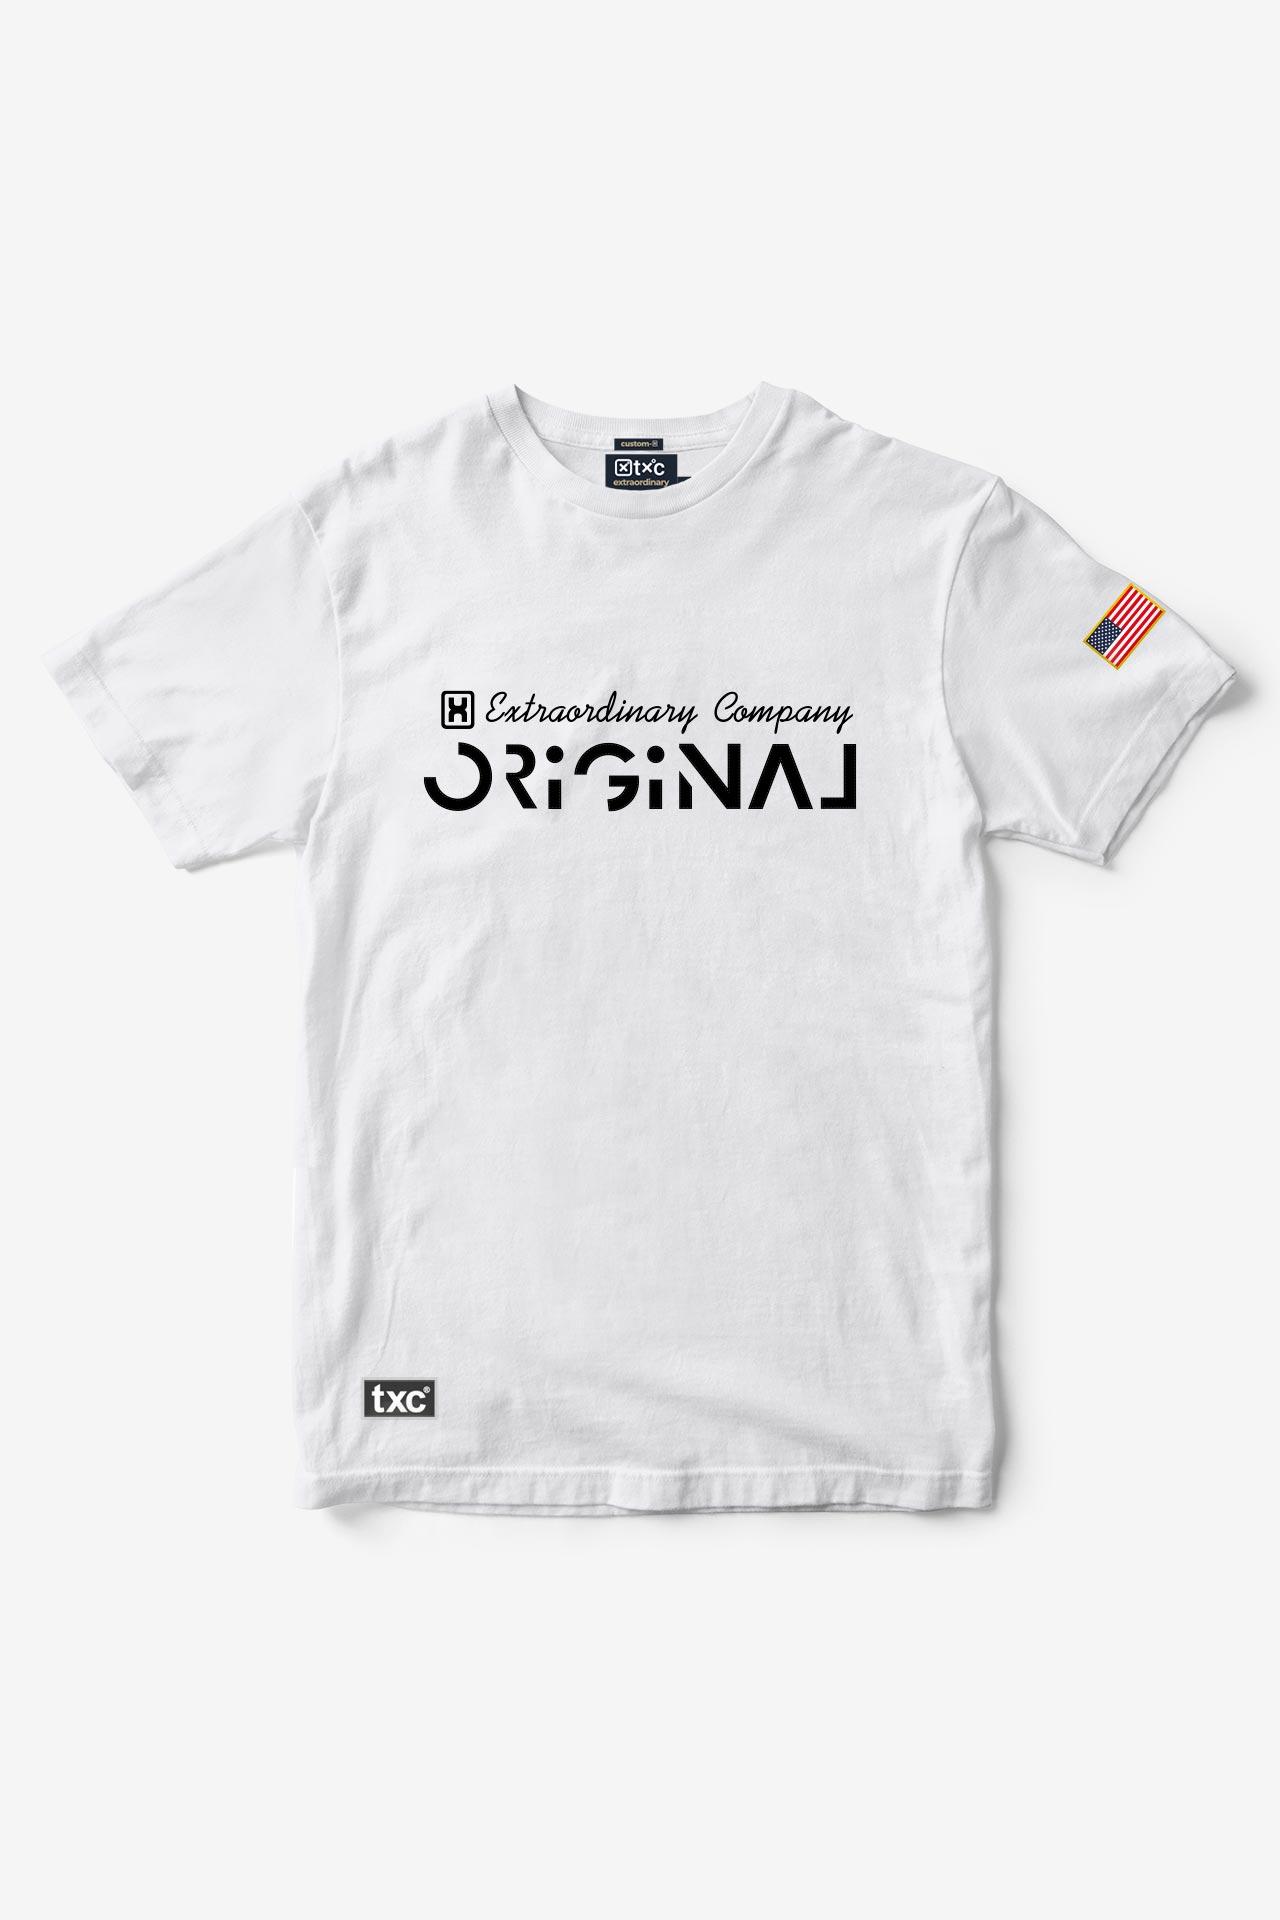 Camiseta TXC Brand 19131